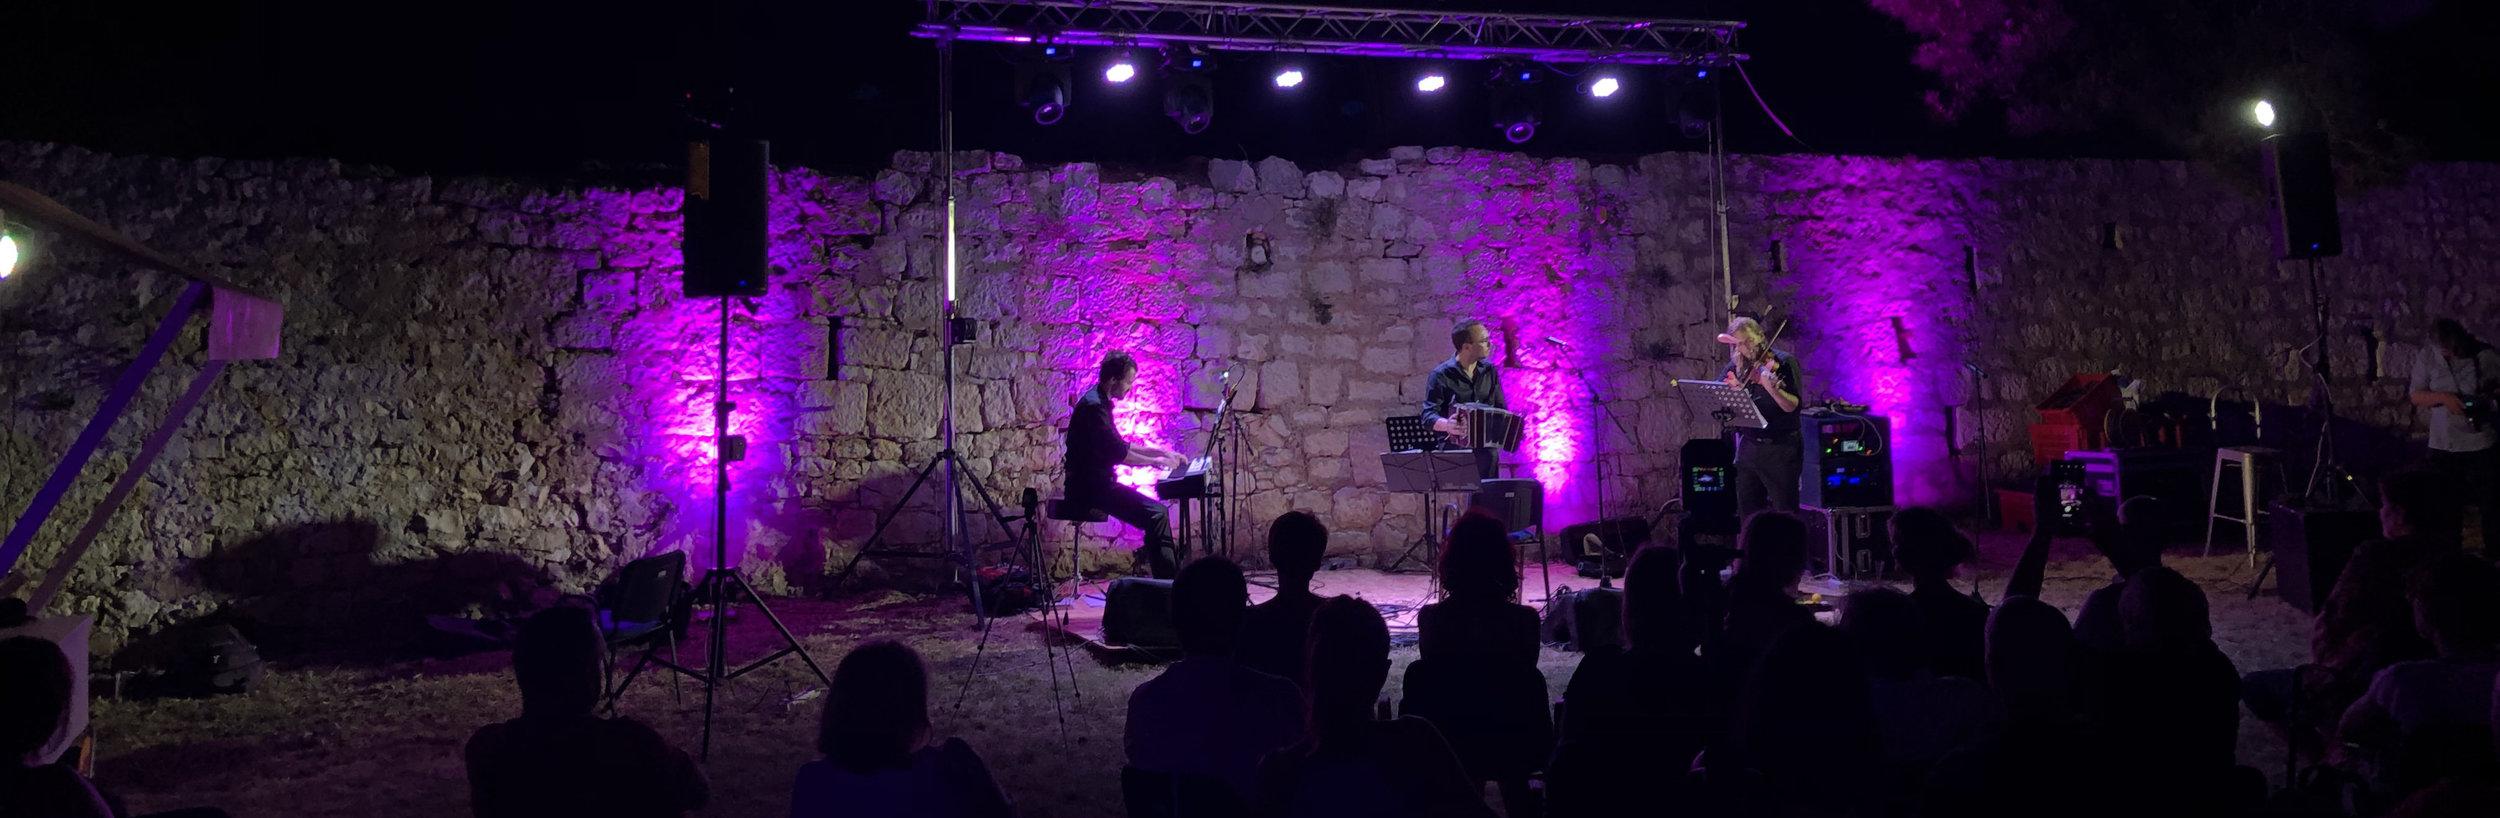 St. Euphemia Concert in Rovinj, Croatia